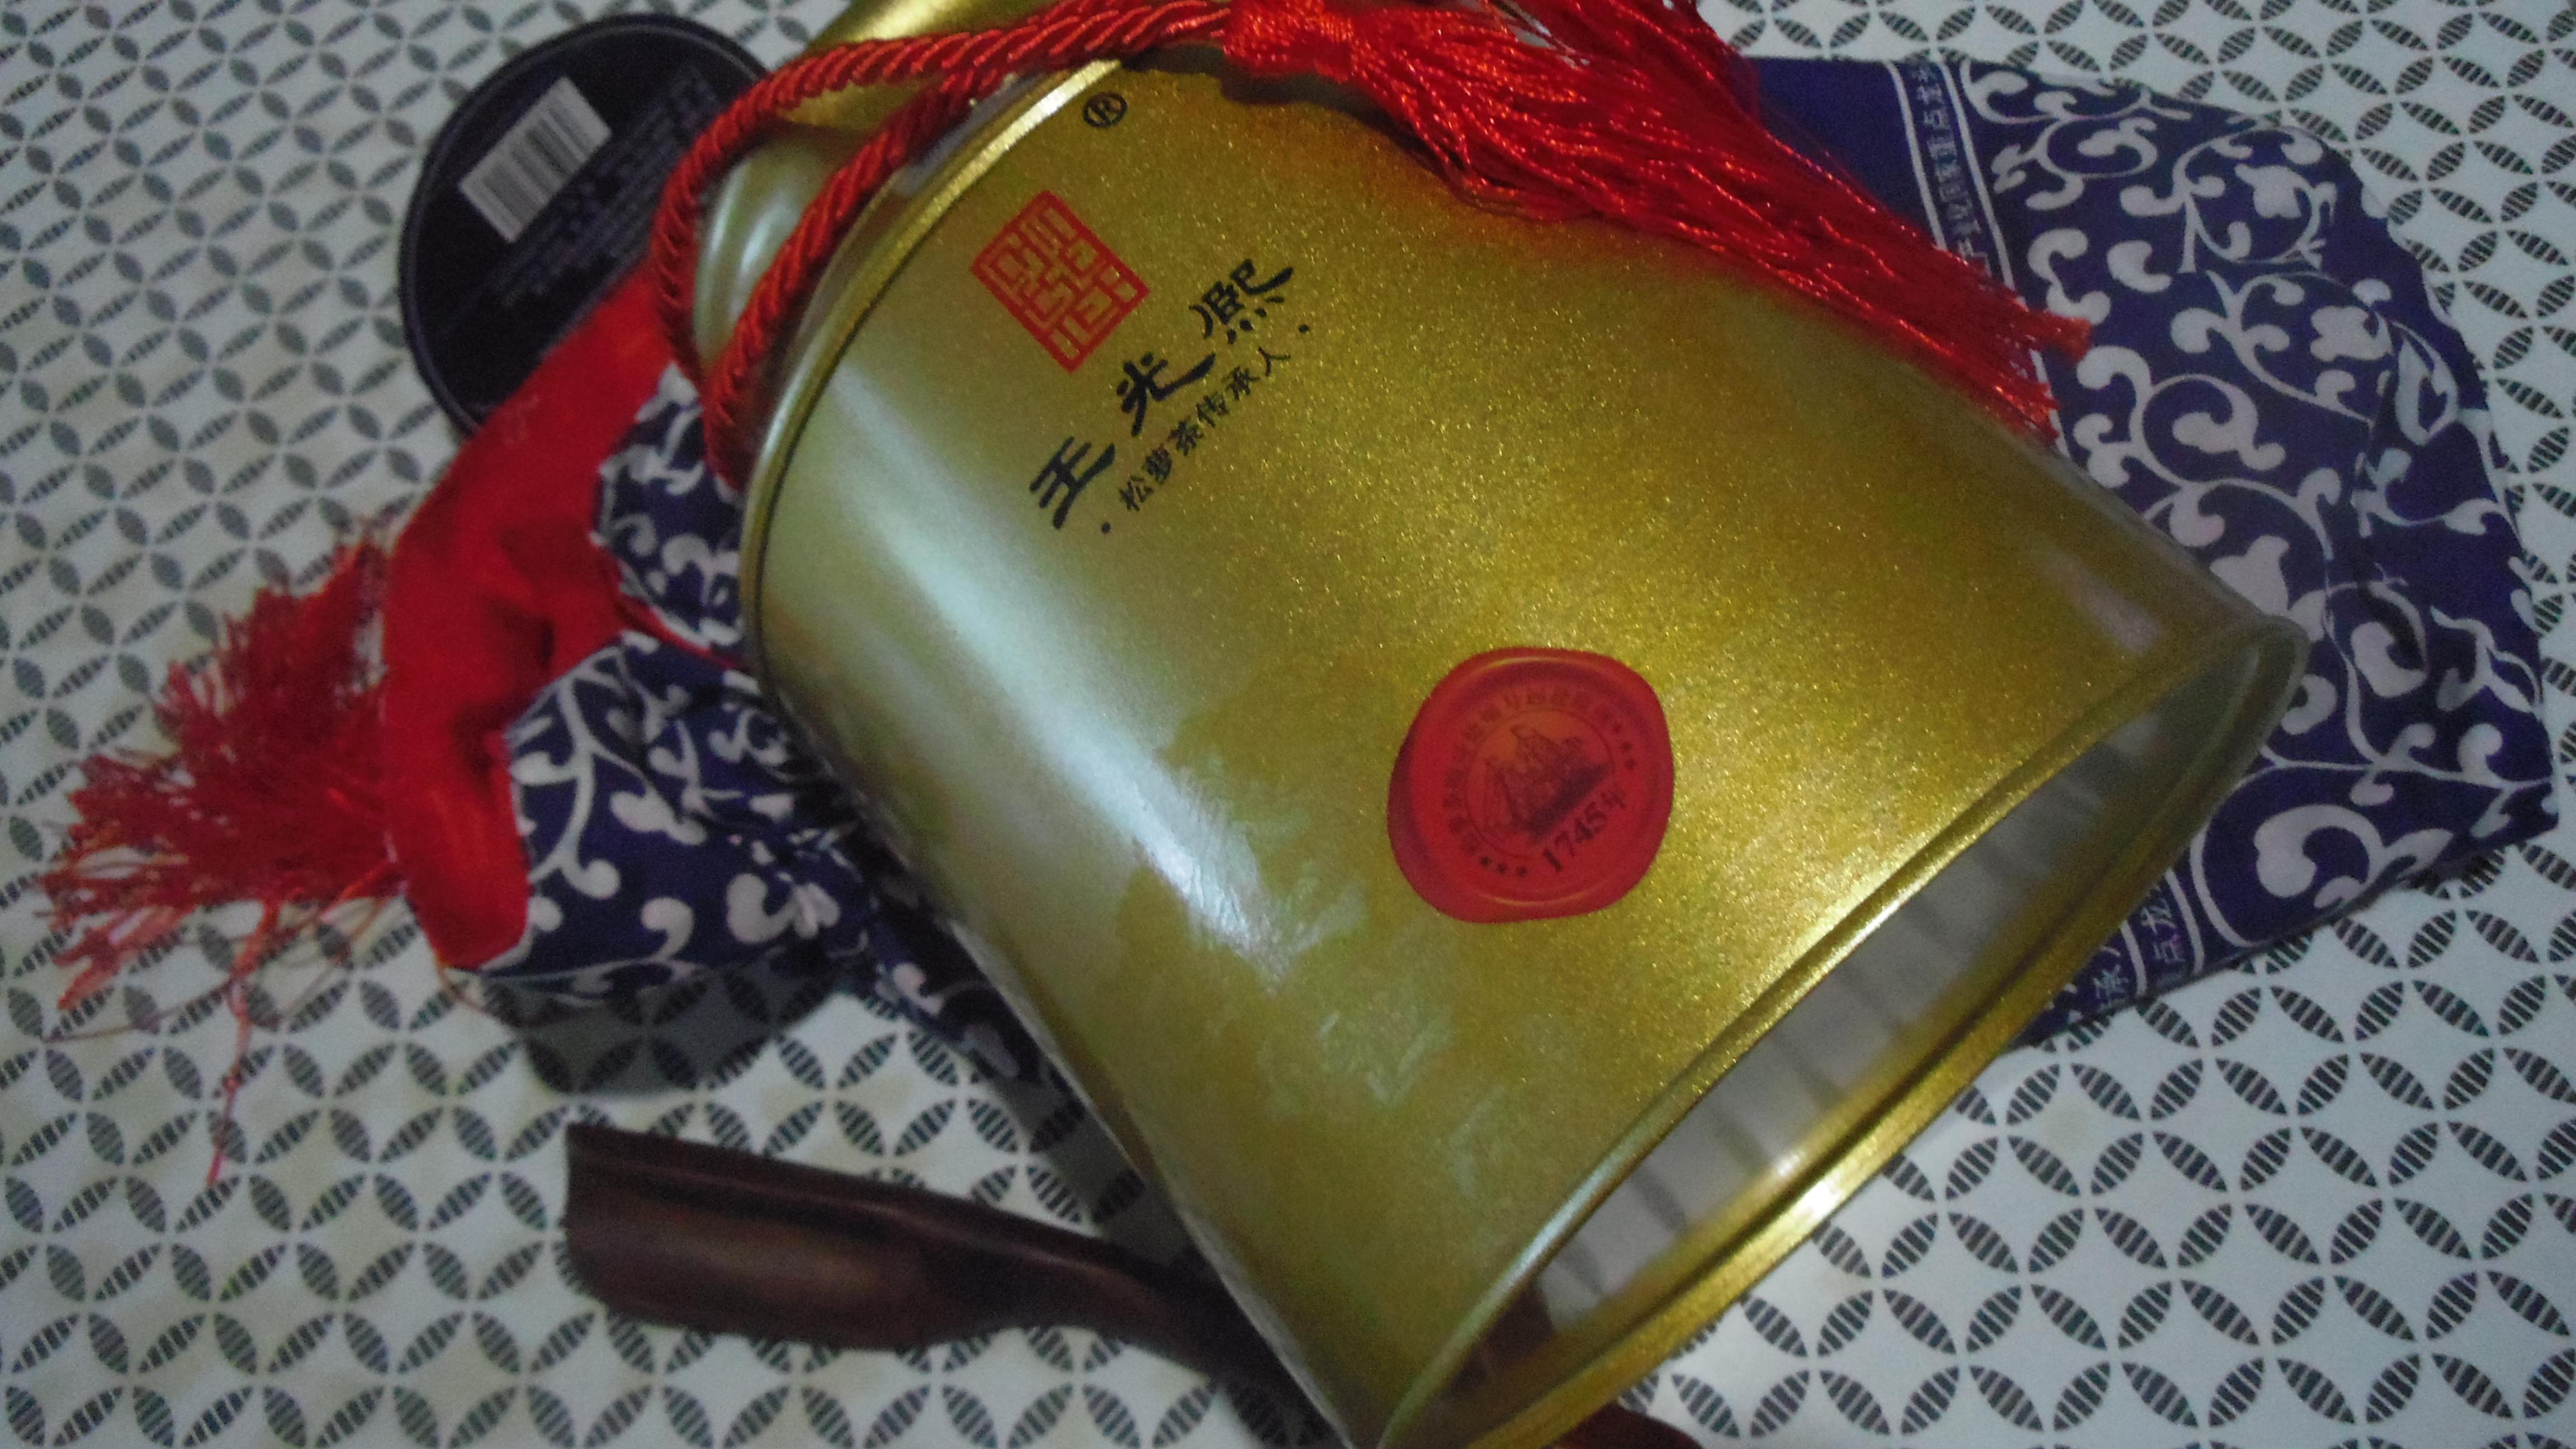 IMGP6120.JPG